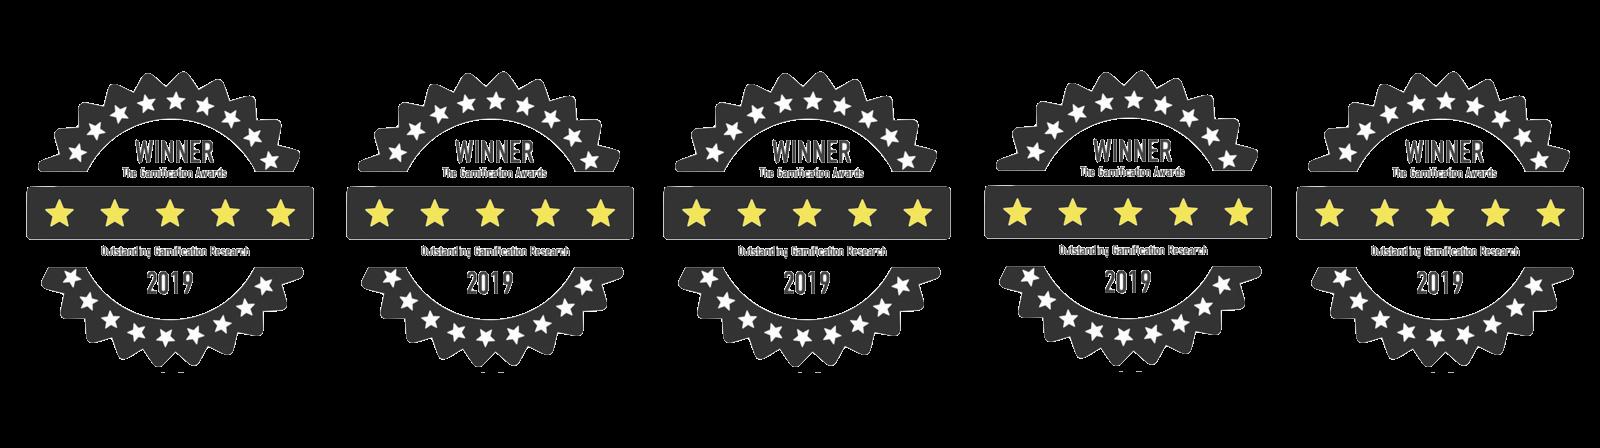 Winners Badges